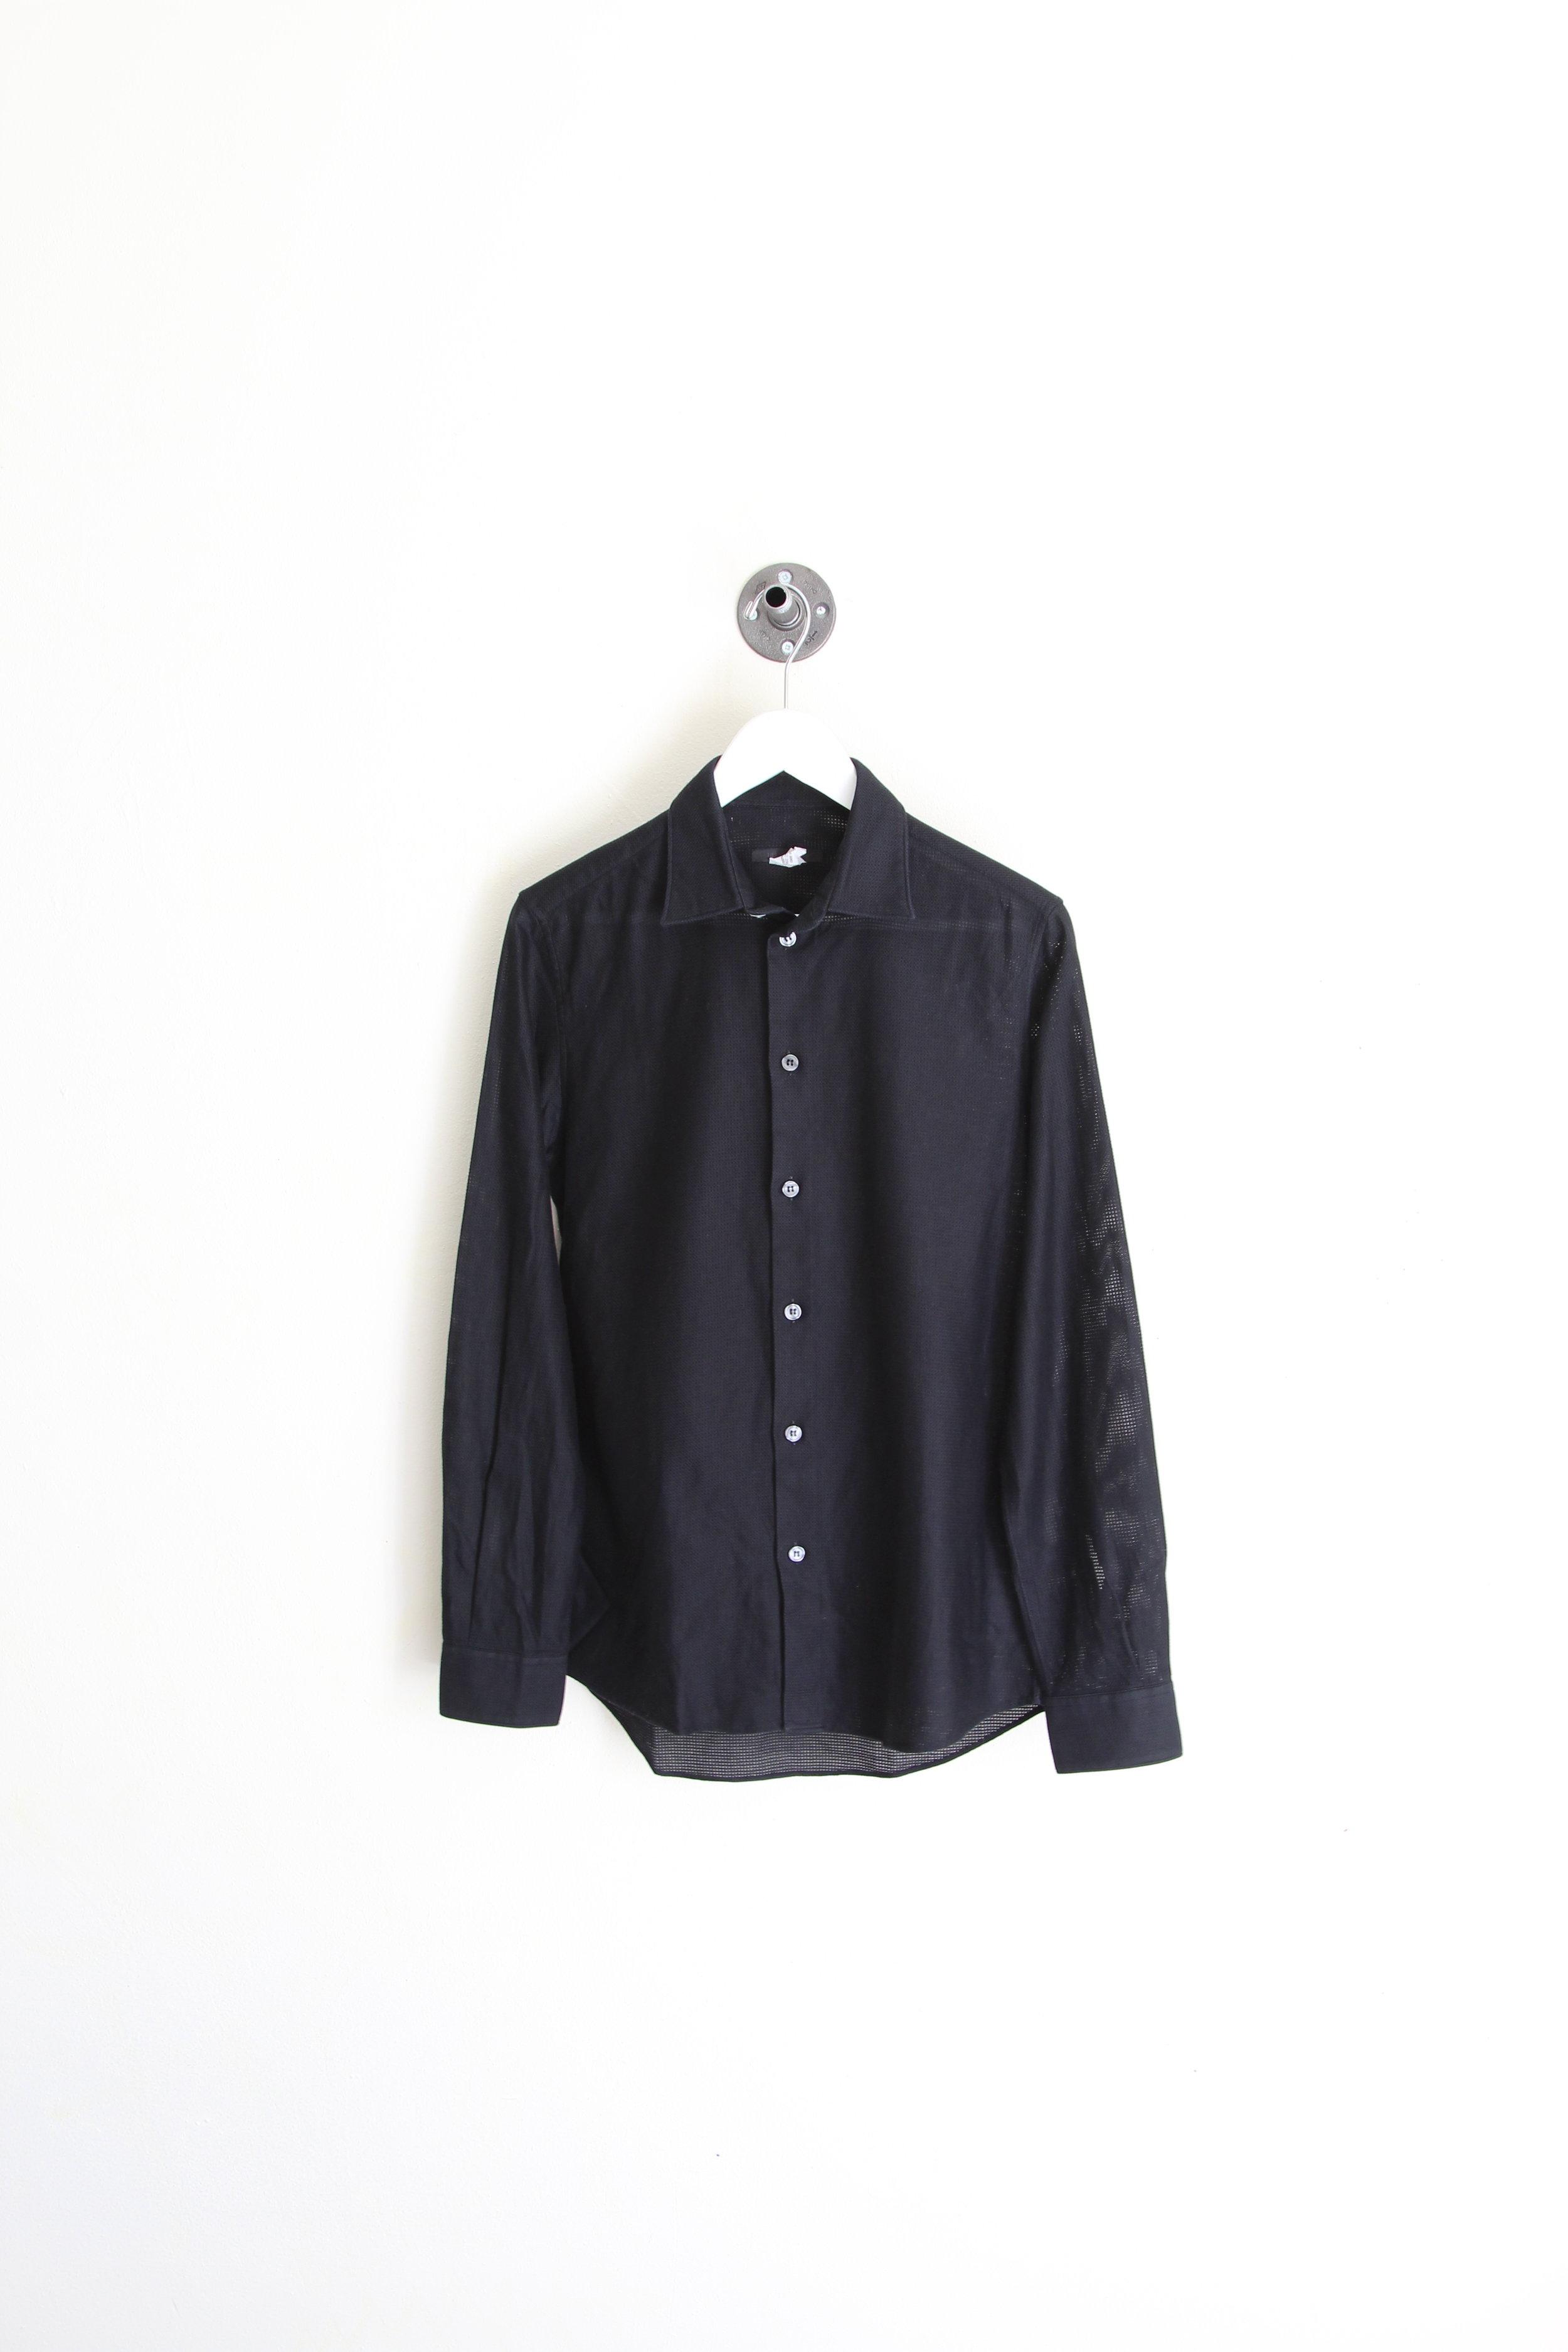 Helmut Lang SS 2005 Tech Mesh Long Sleeve Shirt